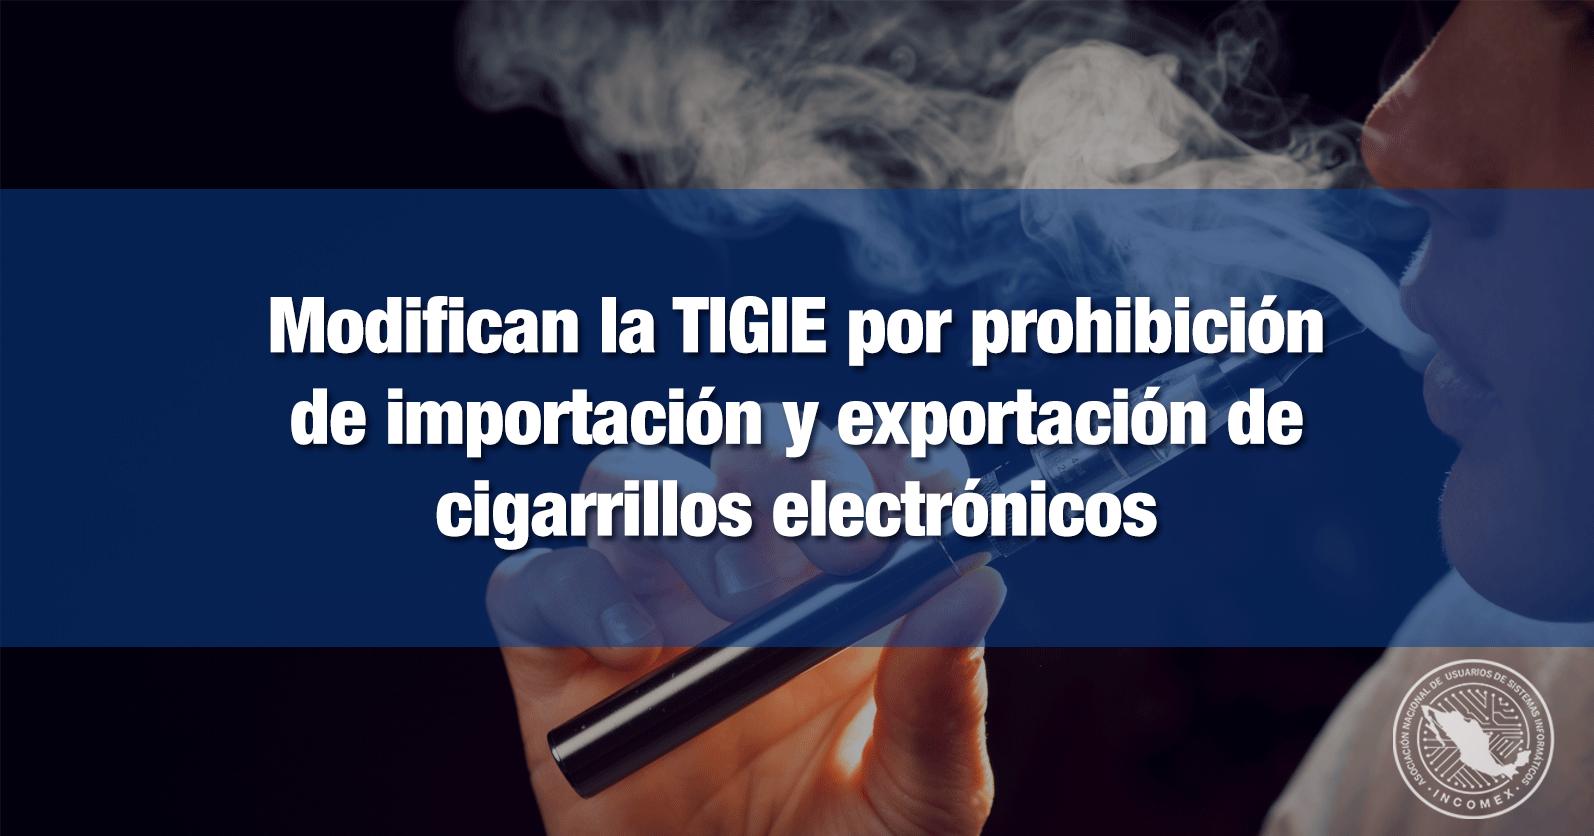 Modifican la TIGIE por prohibición de importación y exportación de cigarrillos electrónicos